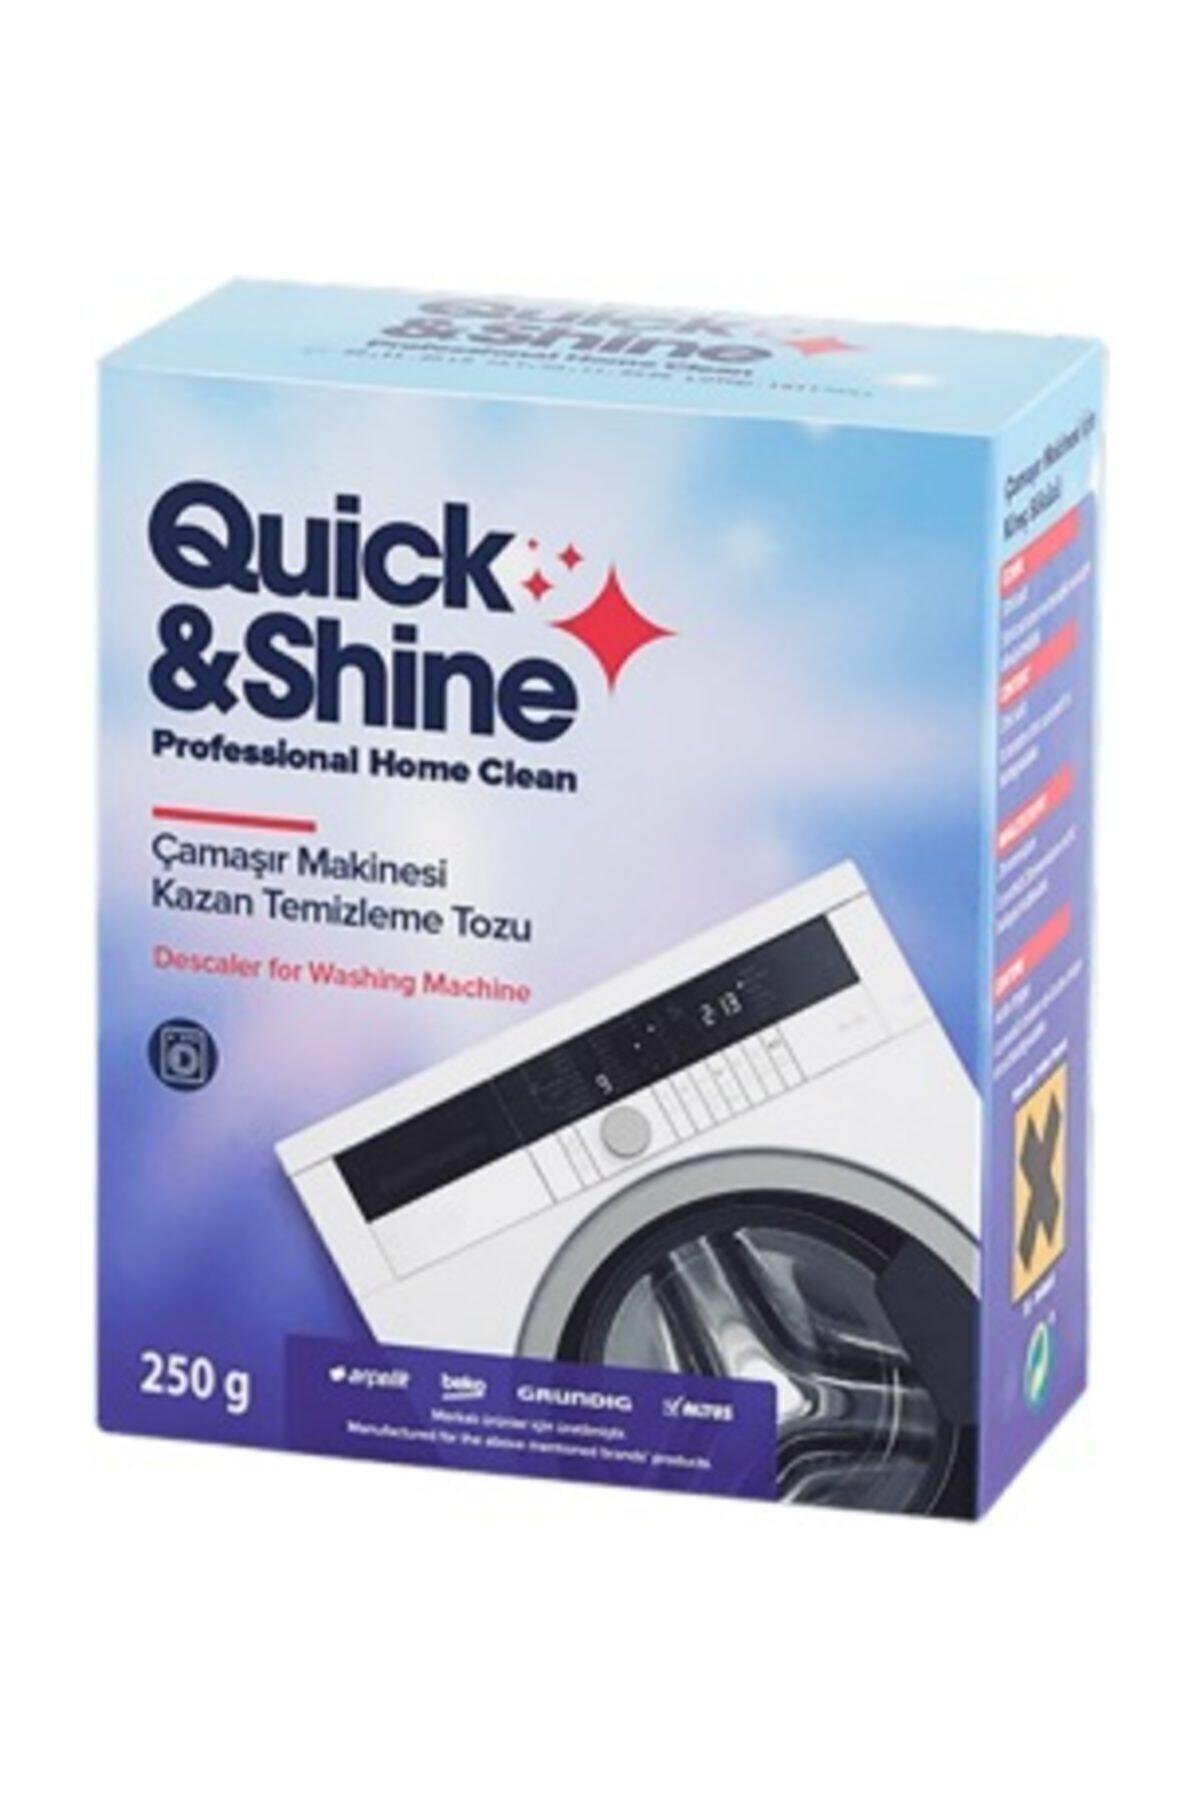 Quick&Shine Çamaşır Makinesi Kazan Temizleme Tozu 1